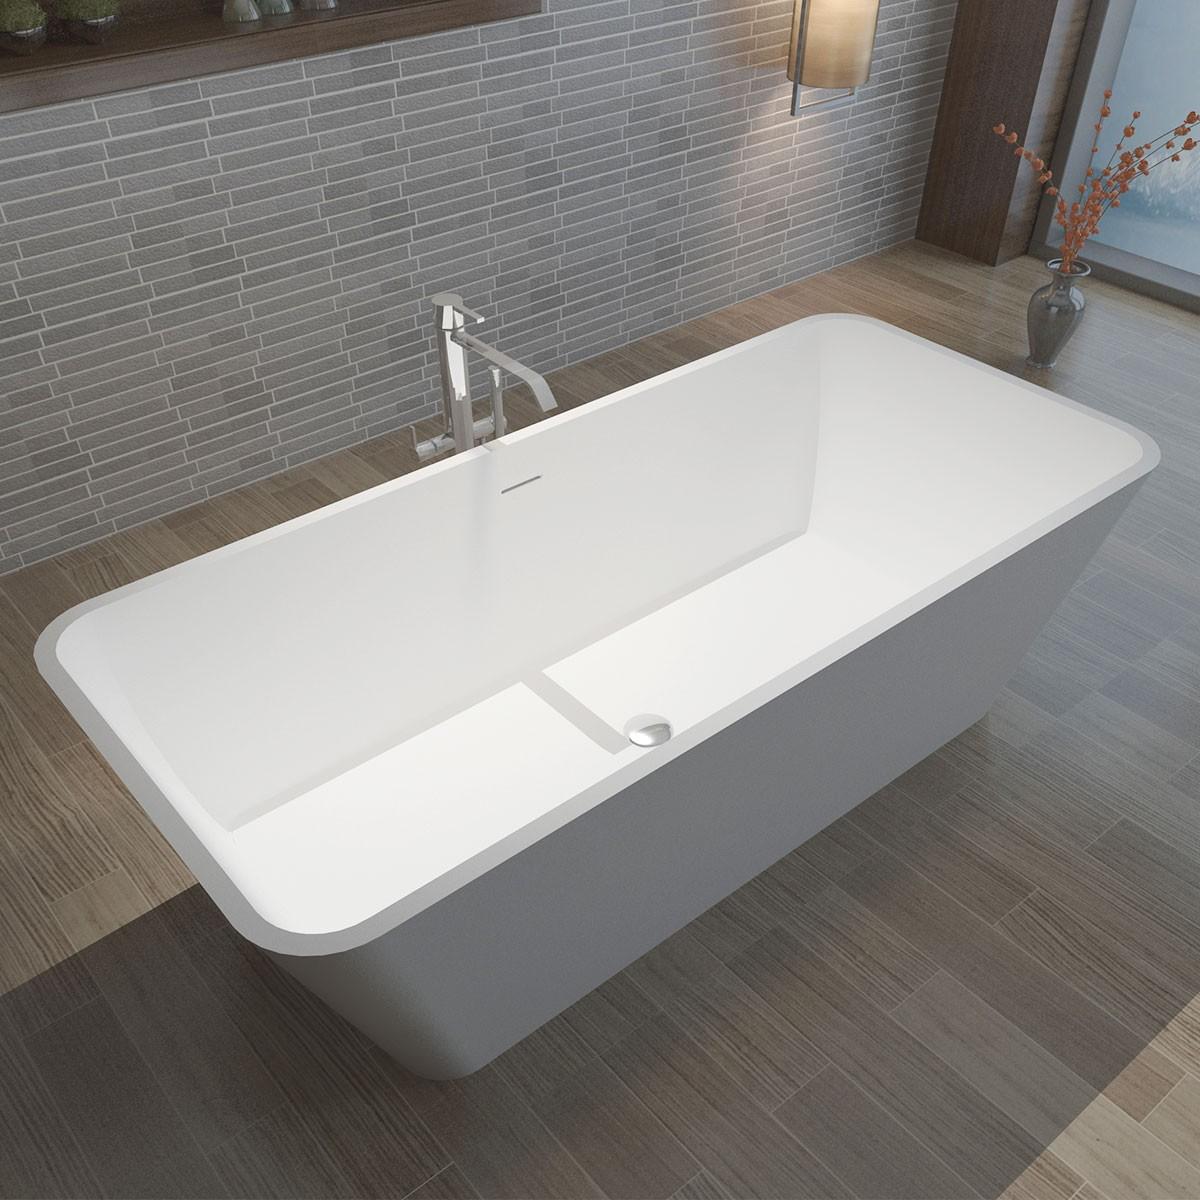 59 In Rectangular Synthetic Stone Freestanding Bathtub - Matte White (DK-HA8603)